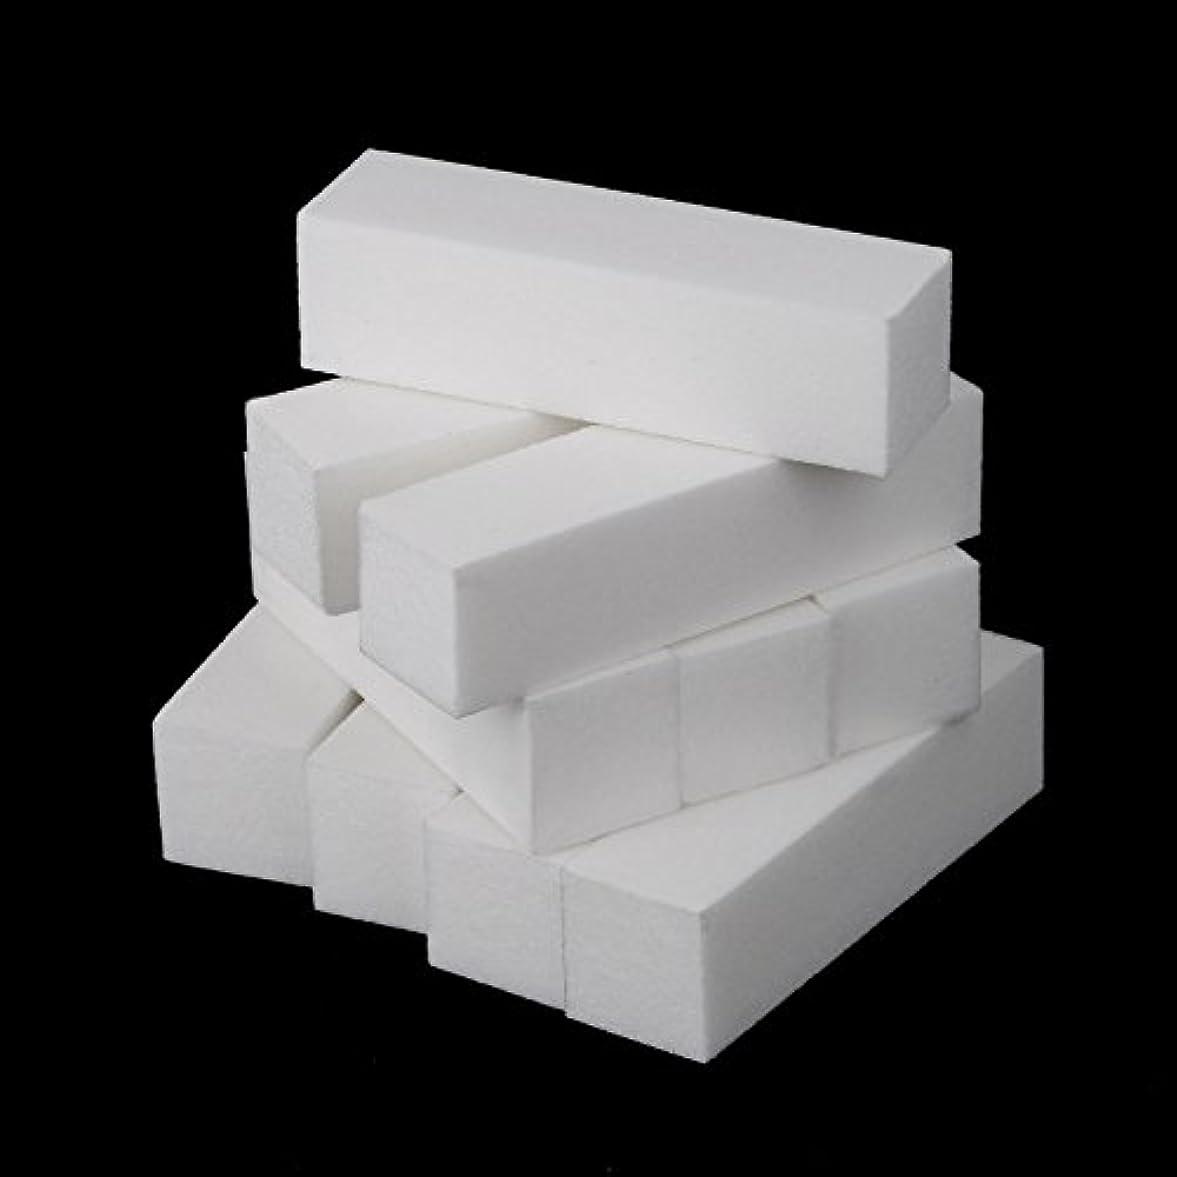 従順な限られた質素なDecdeal 10個入り ネイルファイル ネイルバッファー ネイルファイル 爪やすり ネイルケア 研磨ブロック